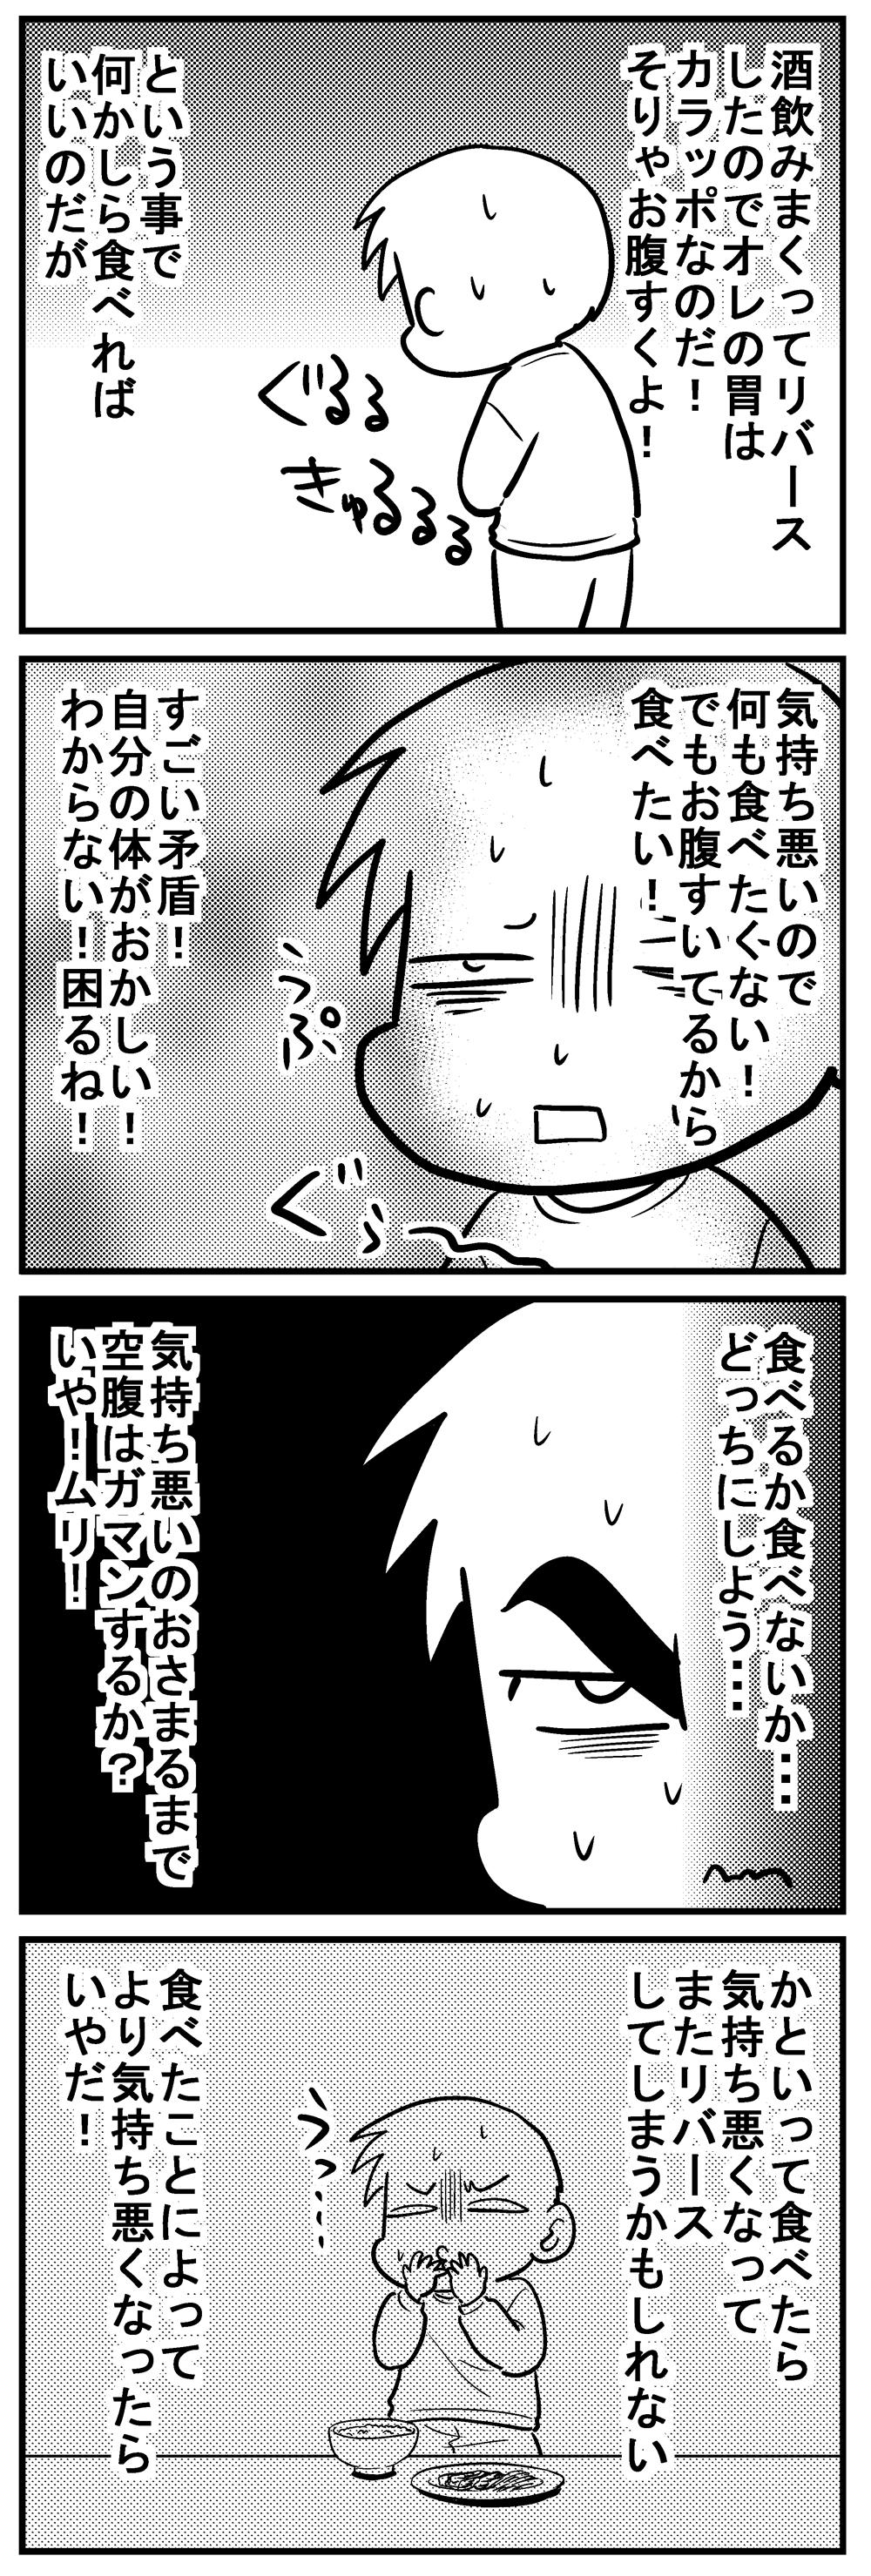 深読みくん133 3